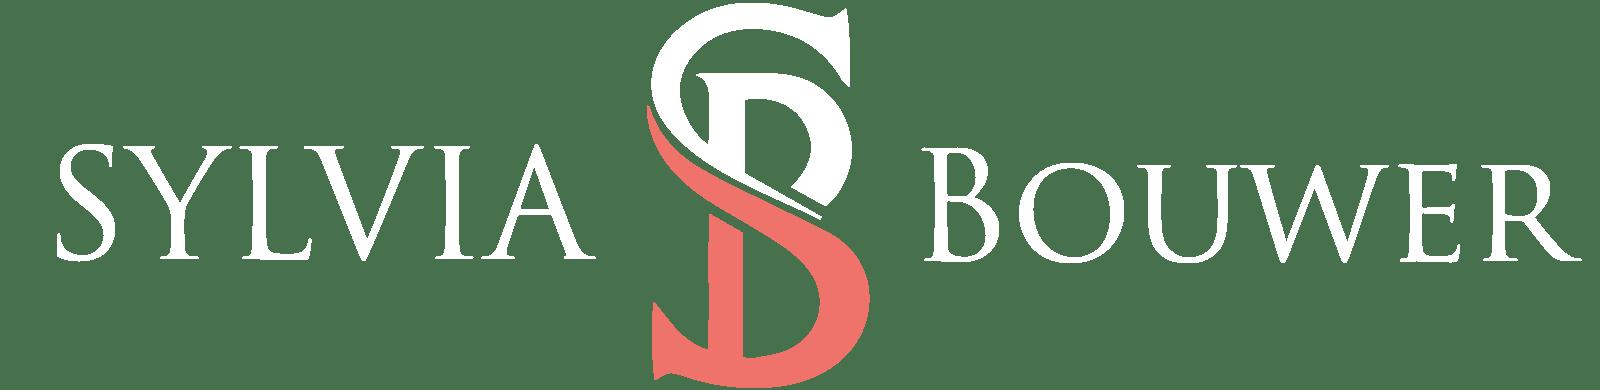 main-footer-logo